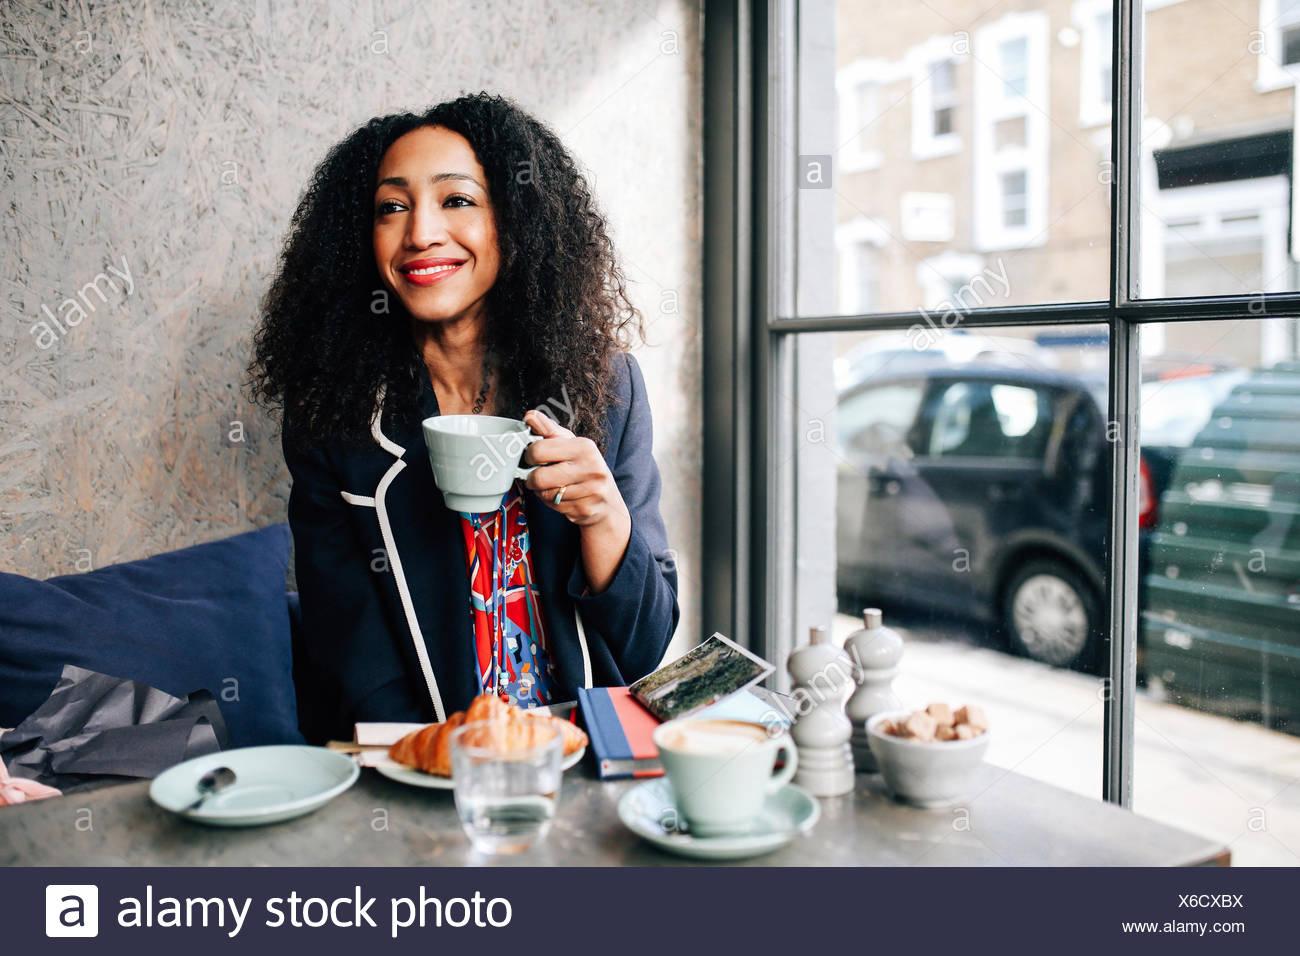 Metà donna adulta holding tazza di caffè nella caffetteria Immagini Stock